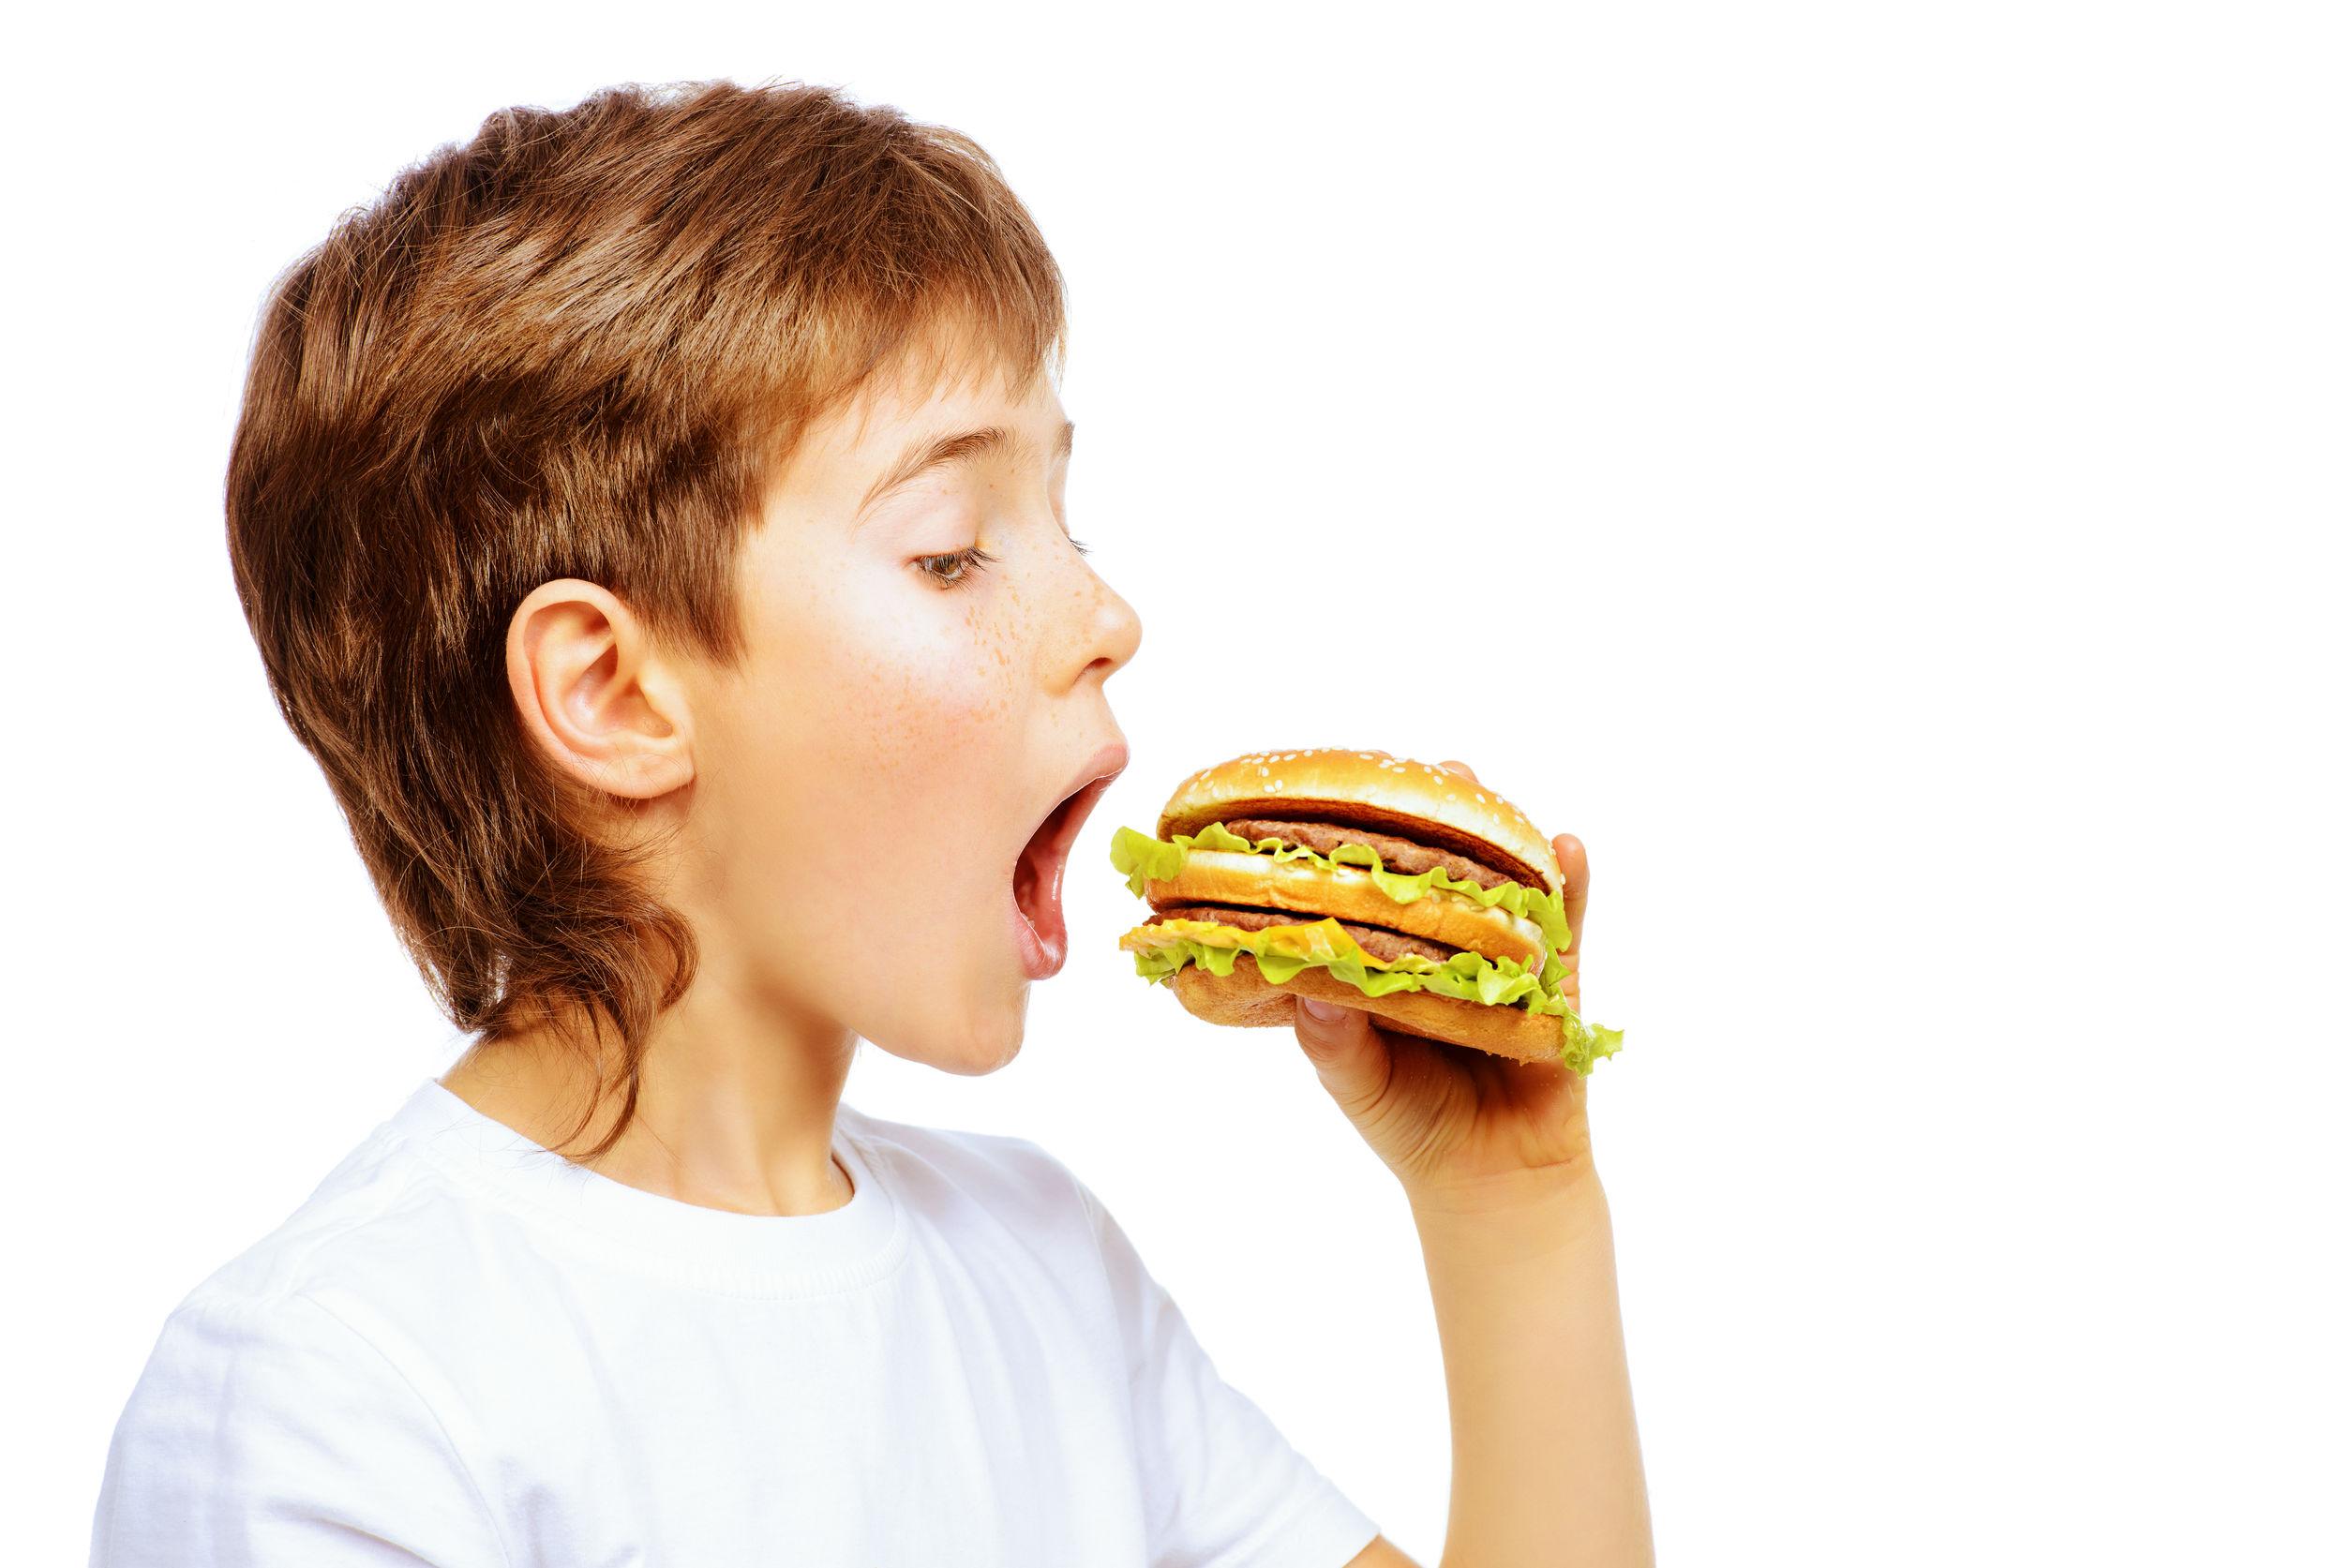 Entwicklungsgefährdend: Schlechte Ernährung bei Kleinkindern